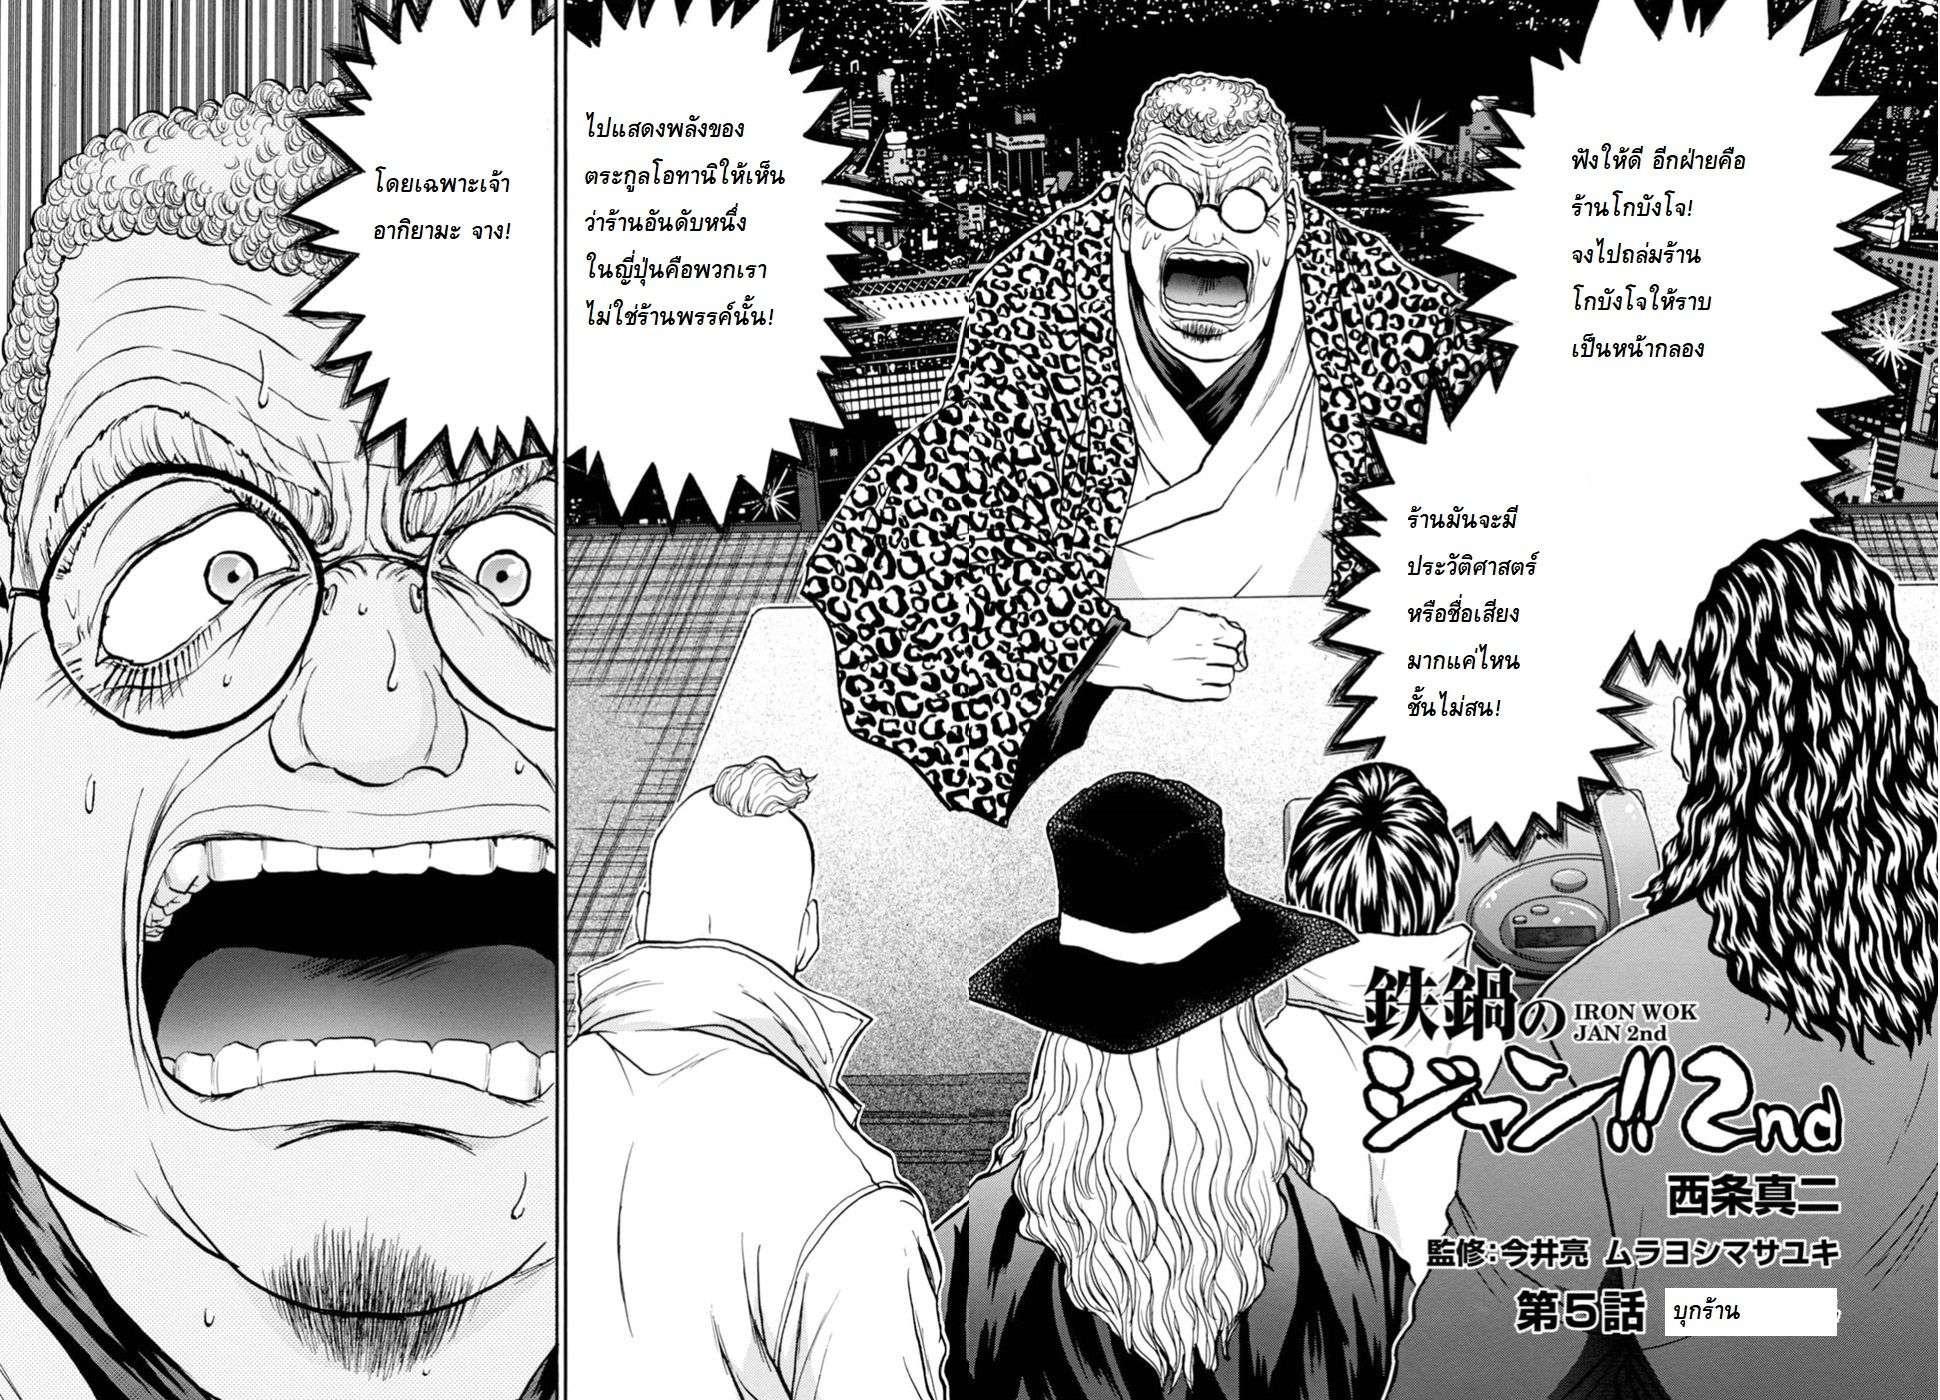 อ่านการ์ตูน Tetsunabe no Jan 2nd!! ตอนที่ 5 หน้าที่ 2